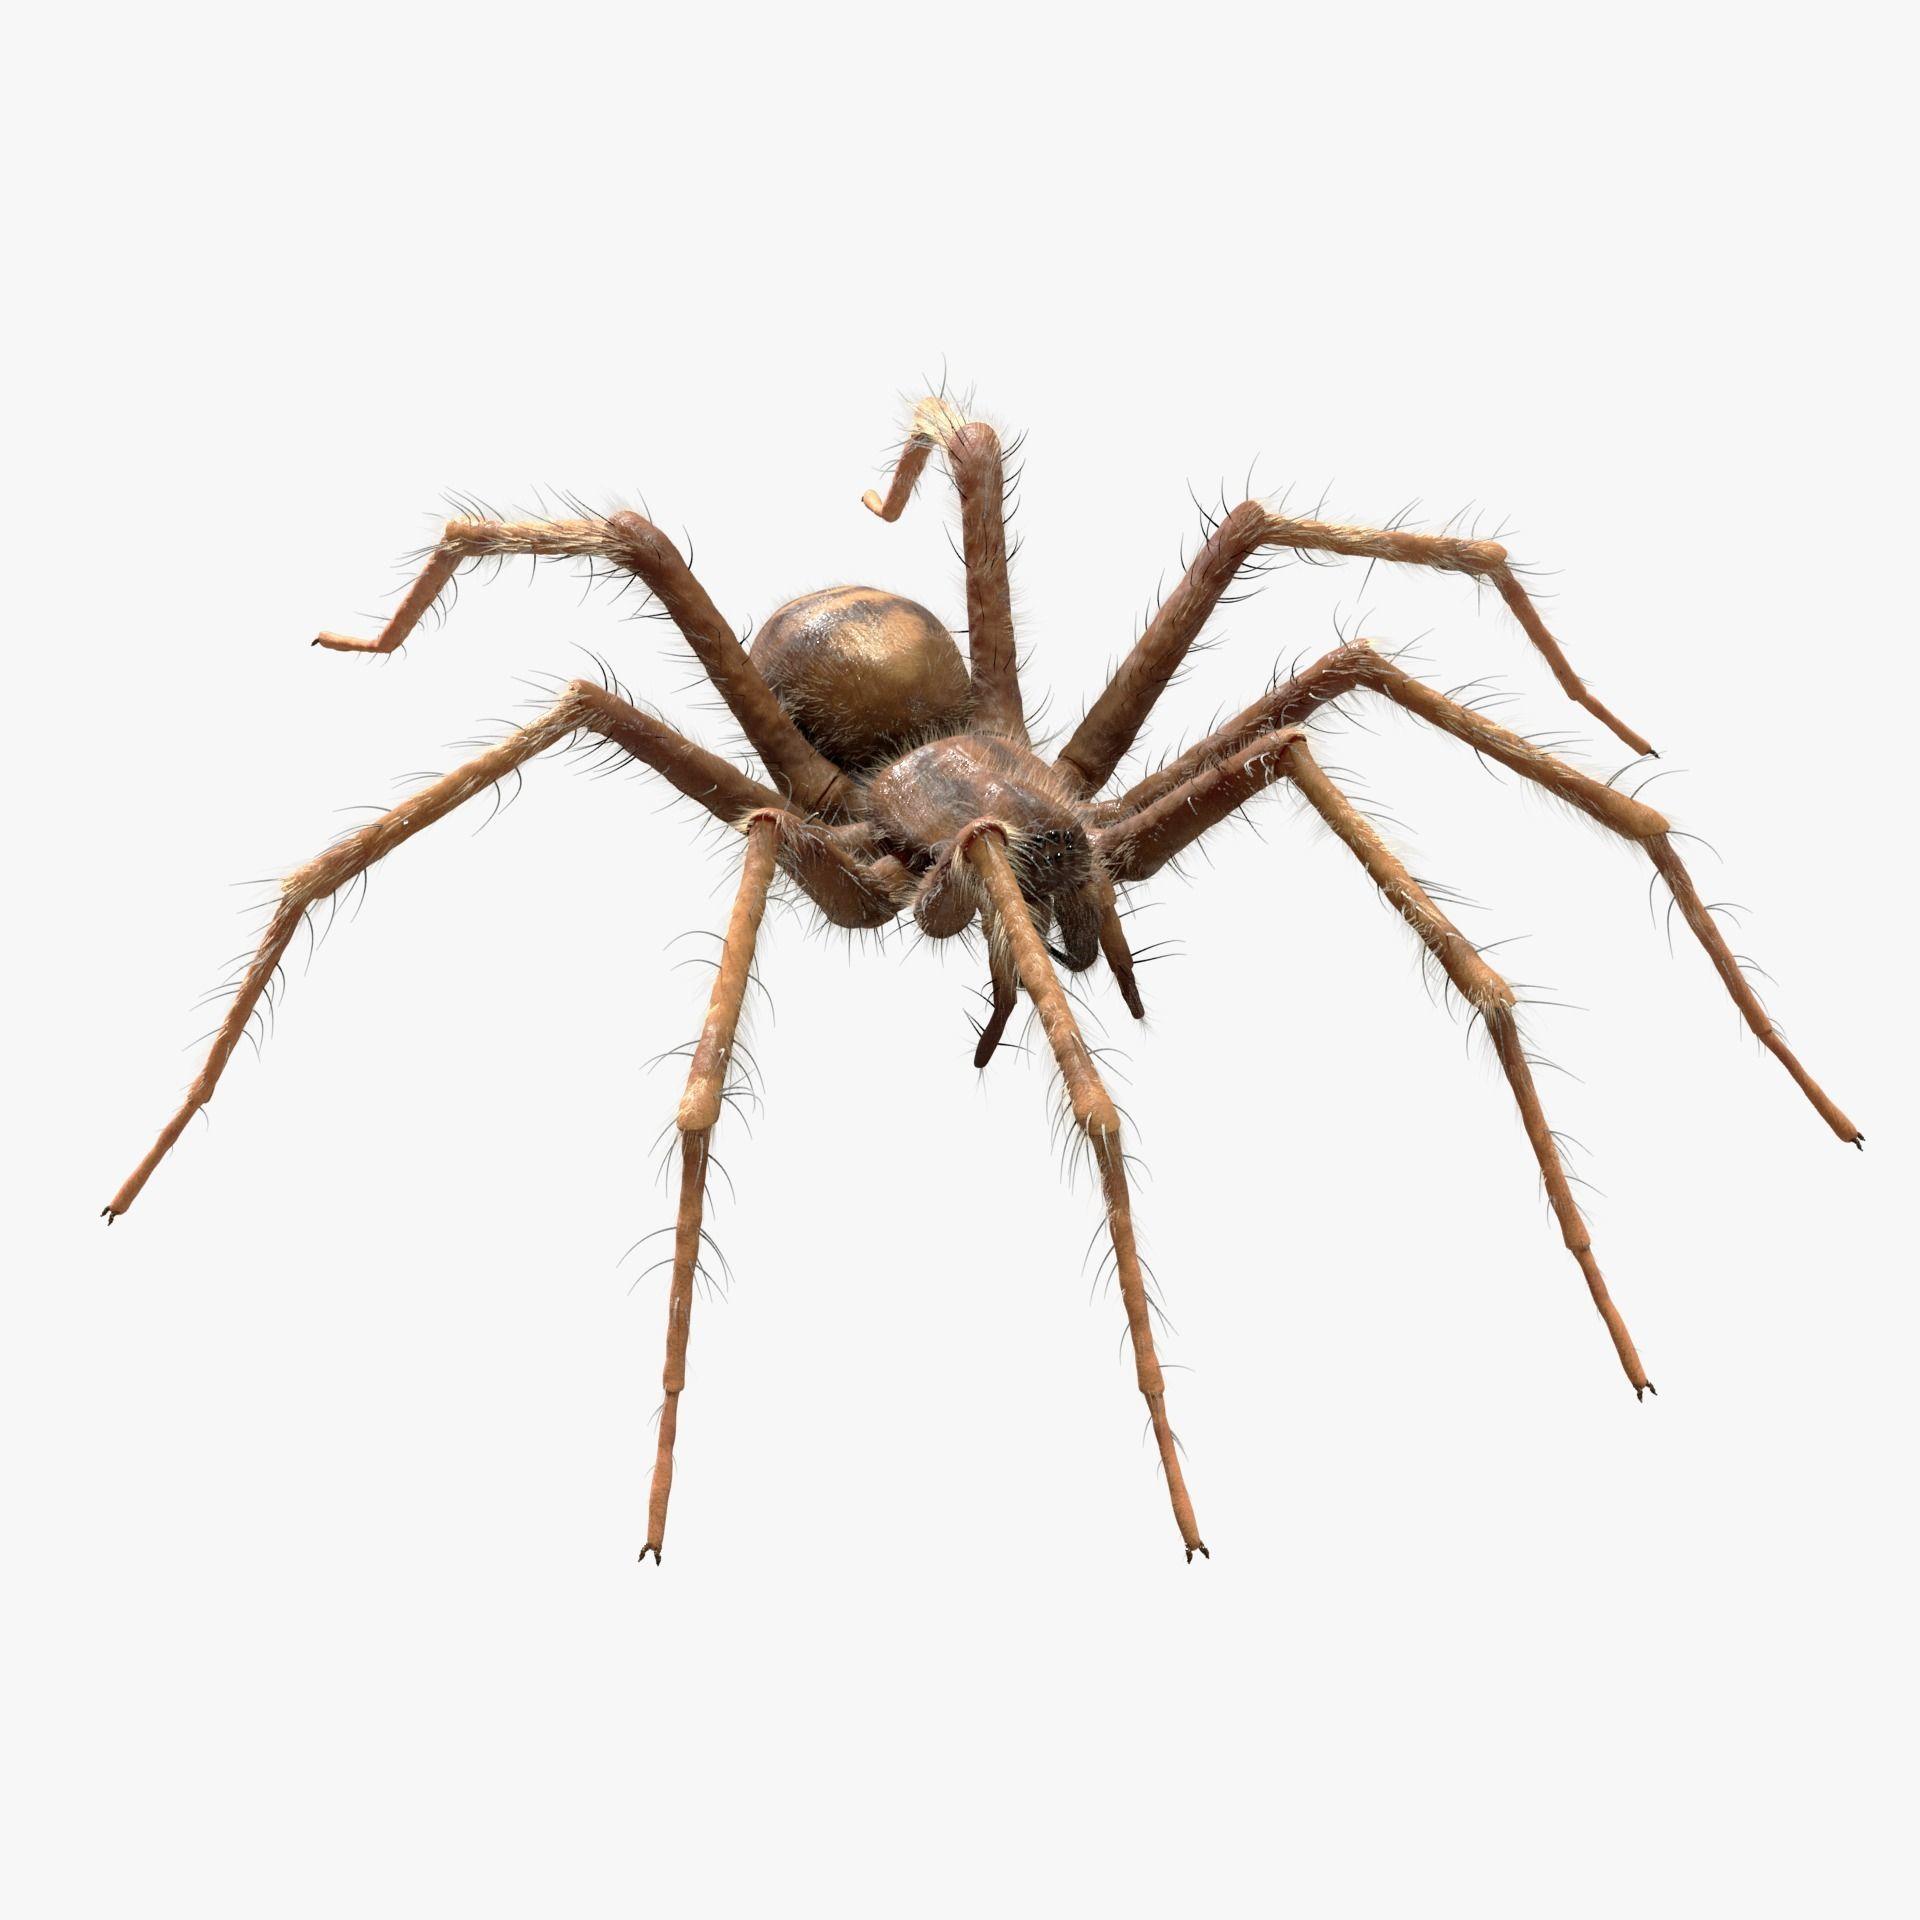 Domestic Spider - Tegenaria Domestica